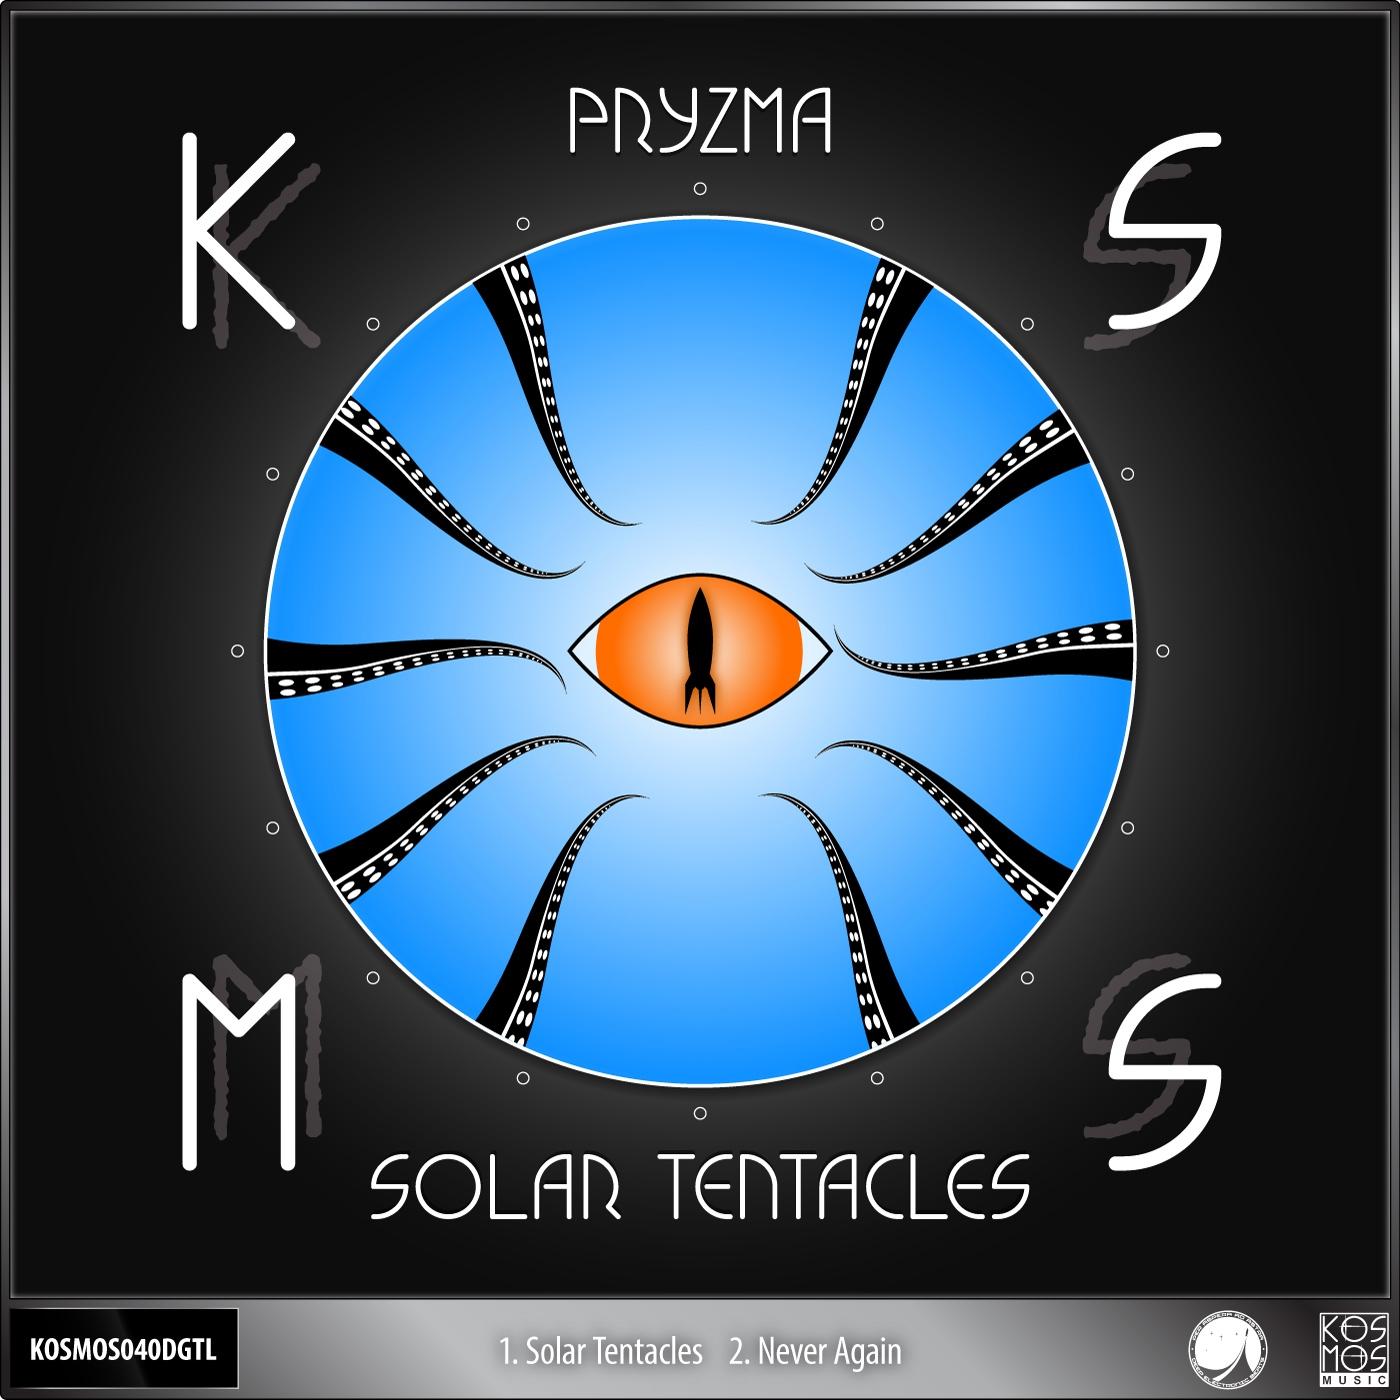 Pryzma - Solar Tentacles (Original Mix)